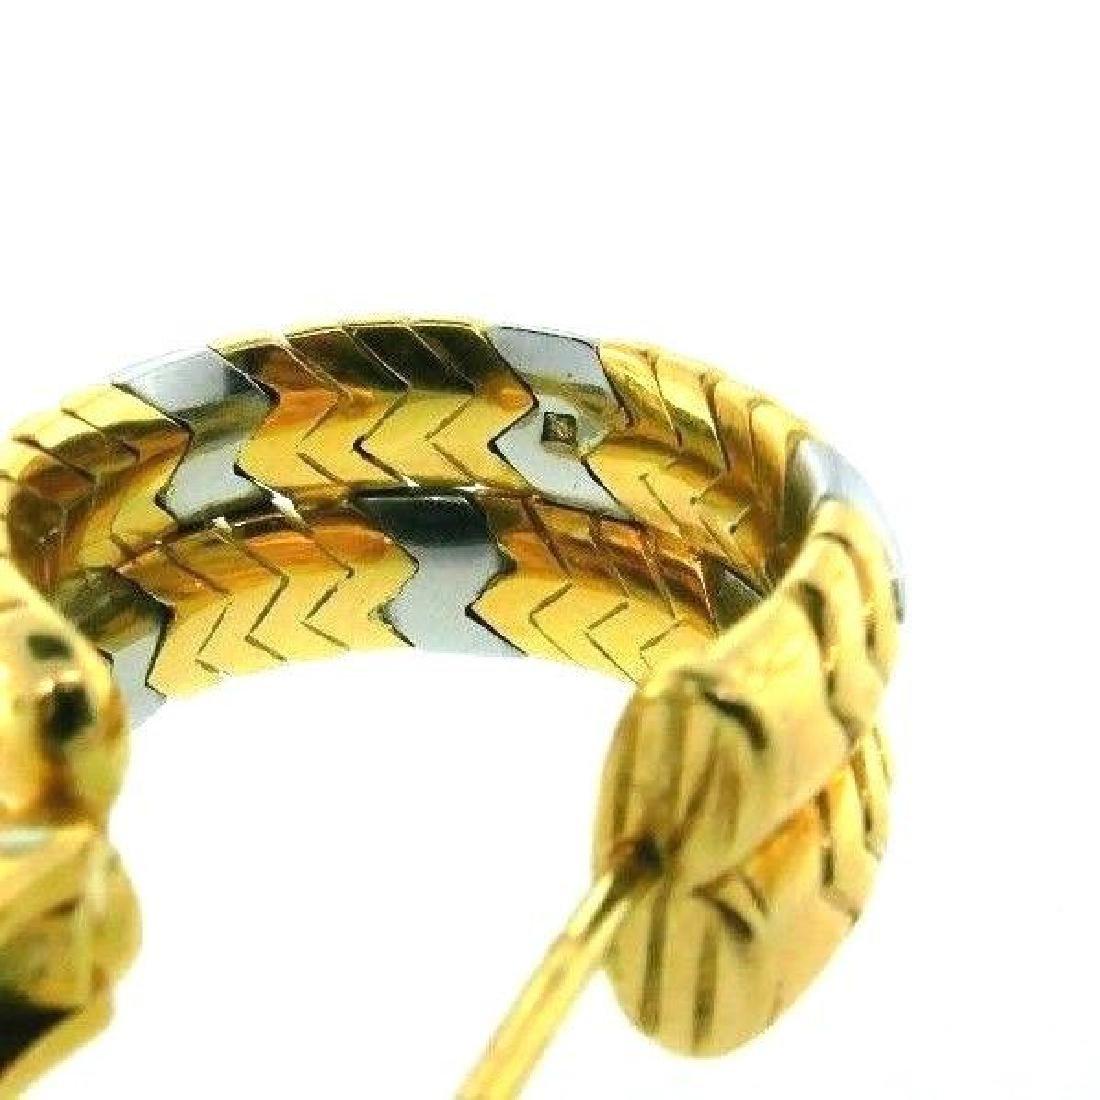 BVLGARI 18k Yellow Gold & Stainless Steel SPIGA - 4